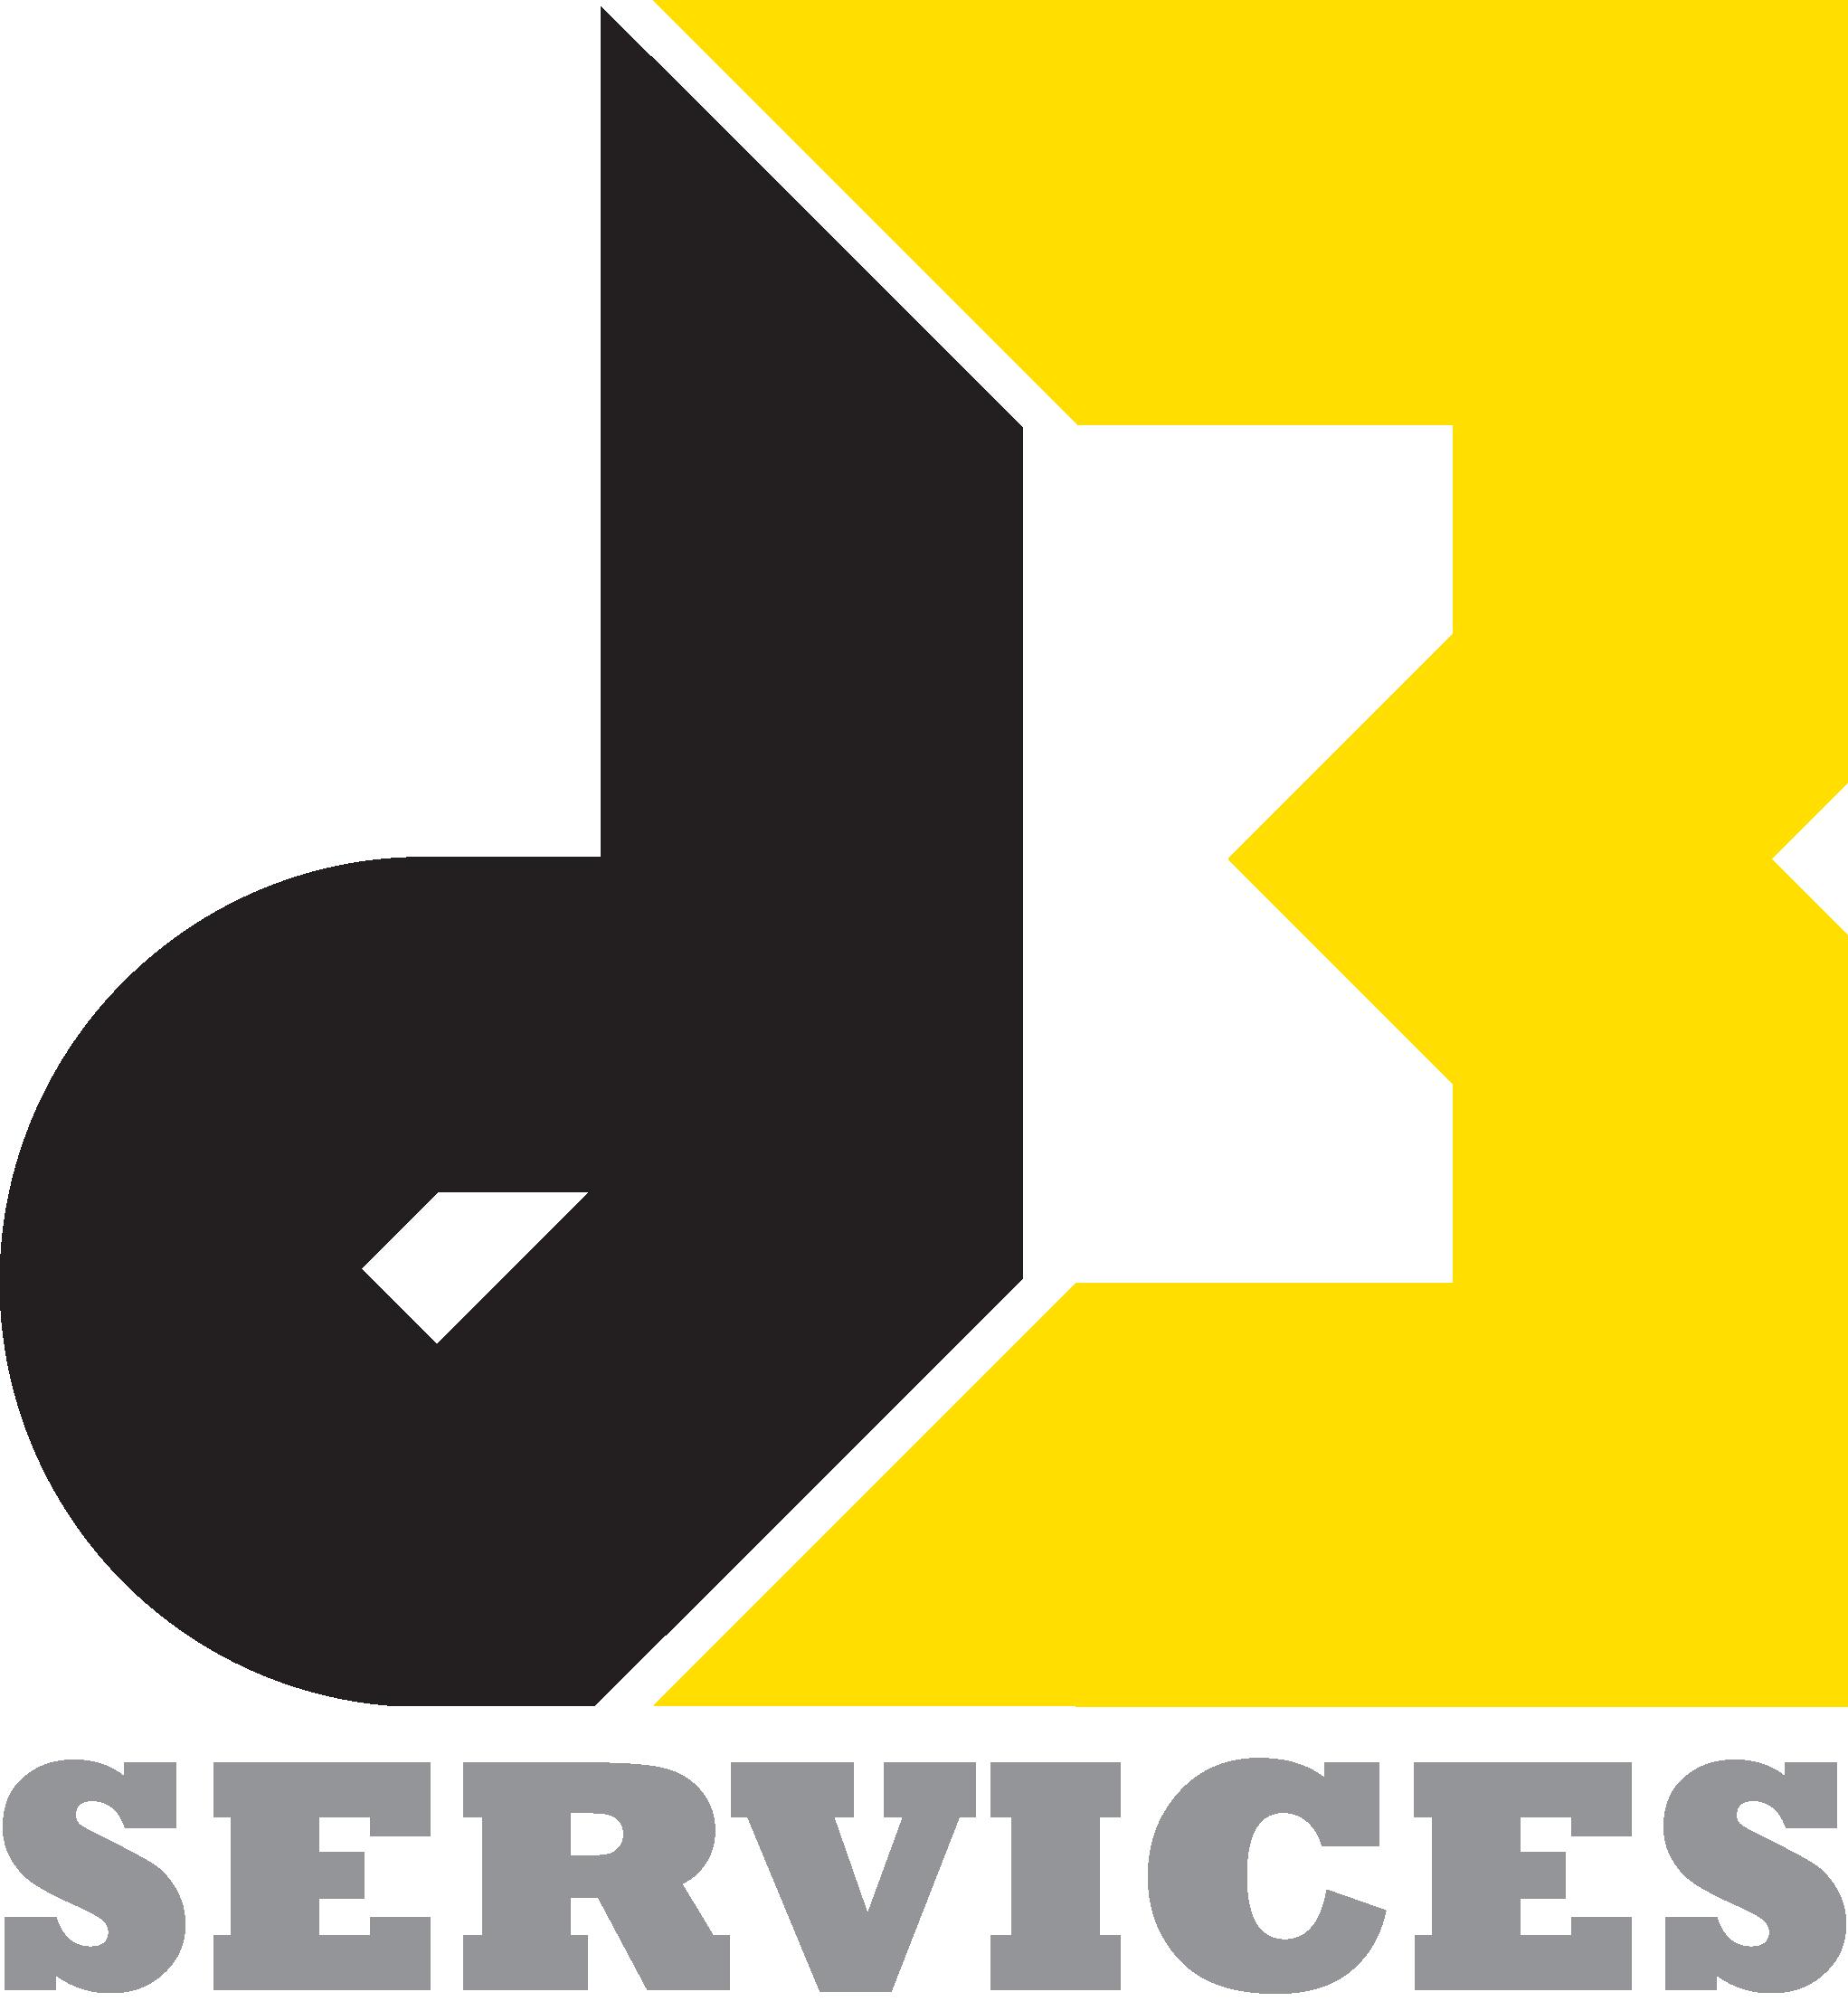 d3 Services